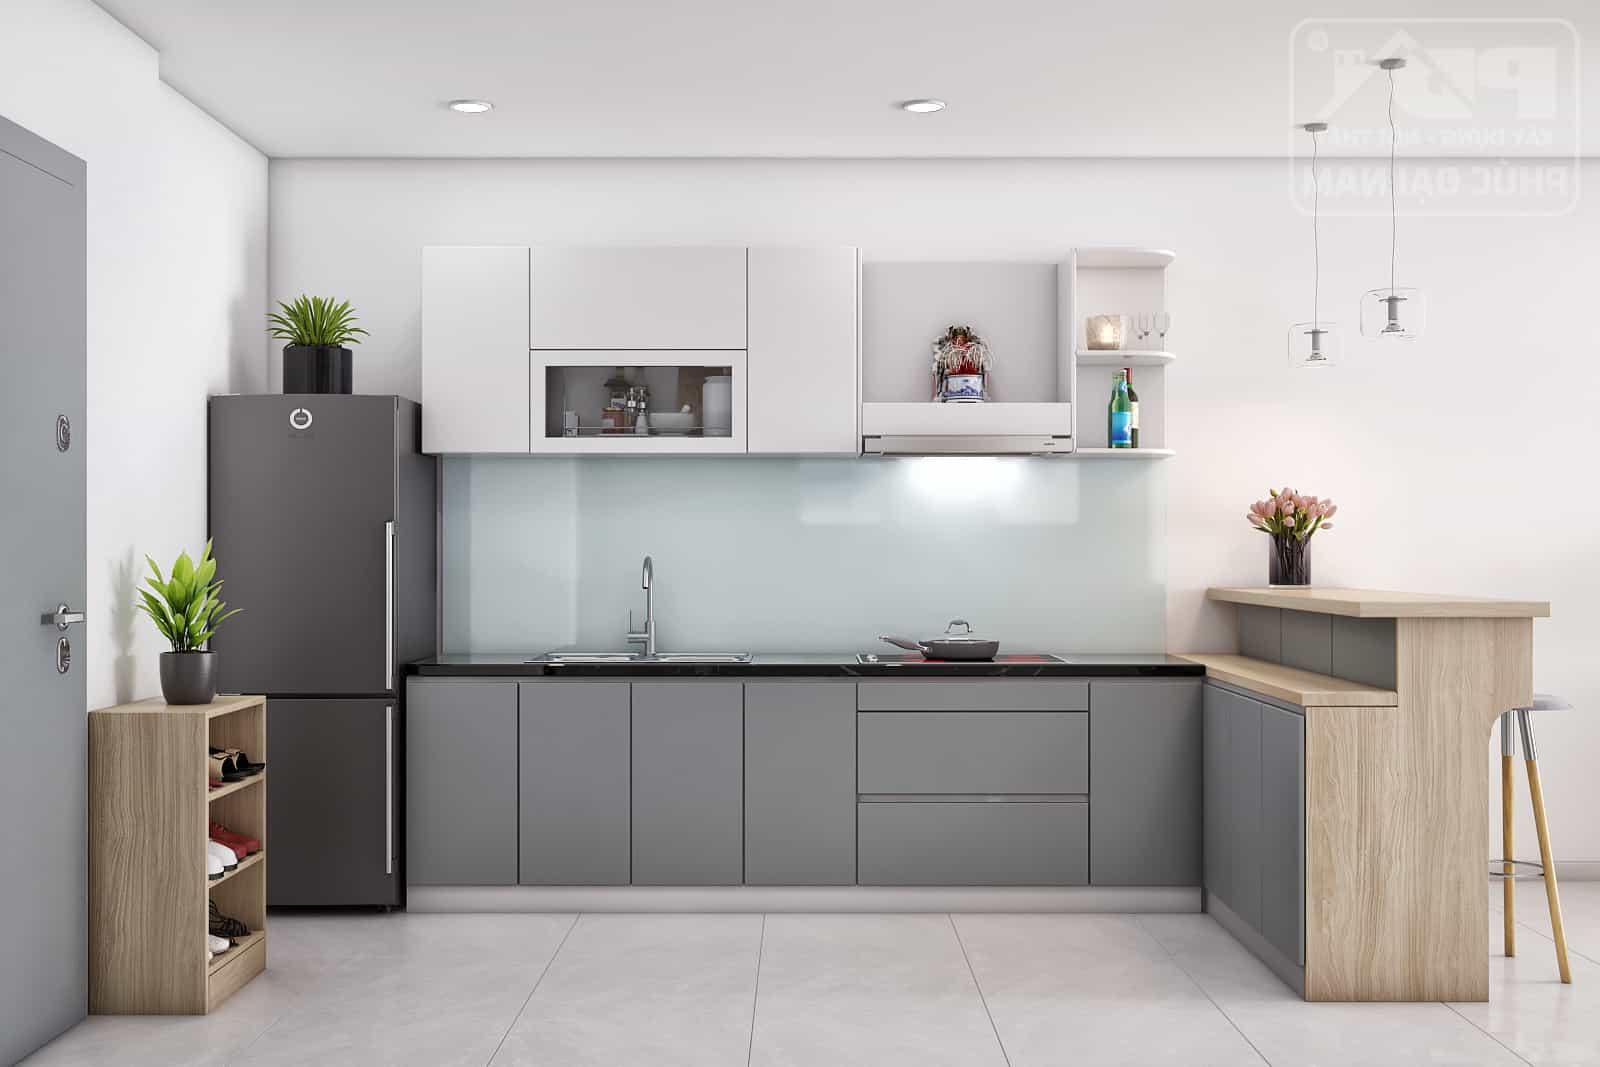 Bàn thờ ông Táo đặt trên kệ tủ bếp giúp tiết kiệm không gian tối đa lại sạch sẽ, hiện đại